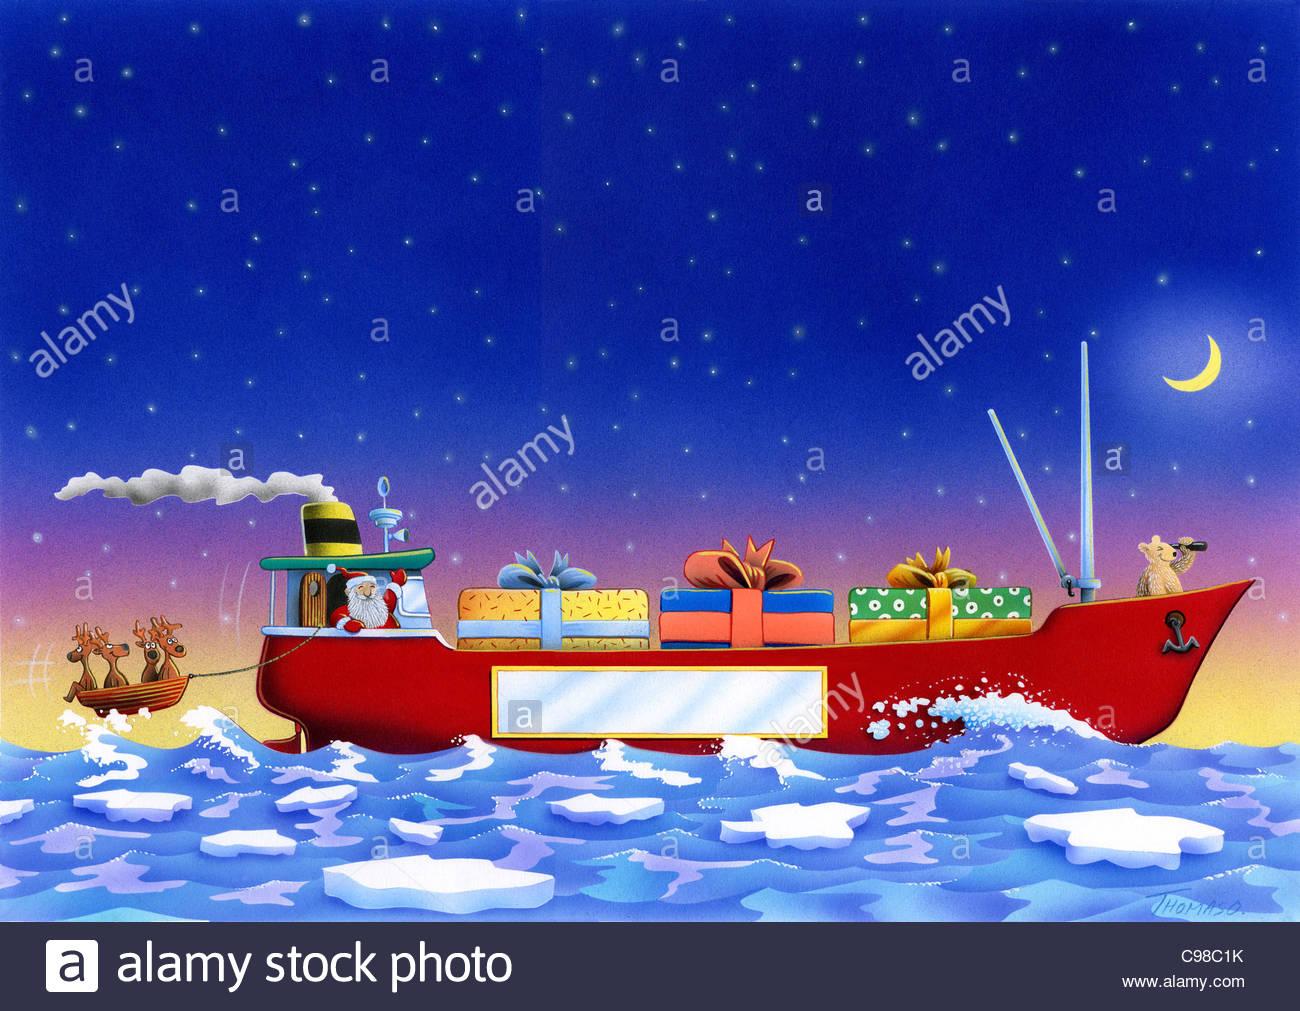 Christmas Gifts On Container Ship Christmas Christmas